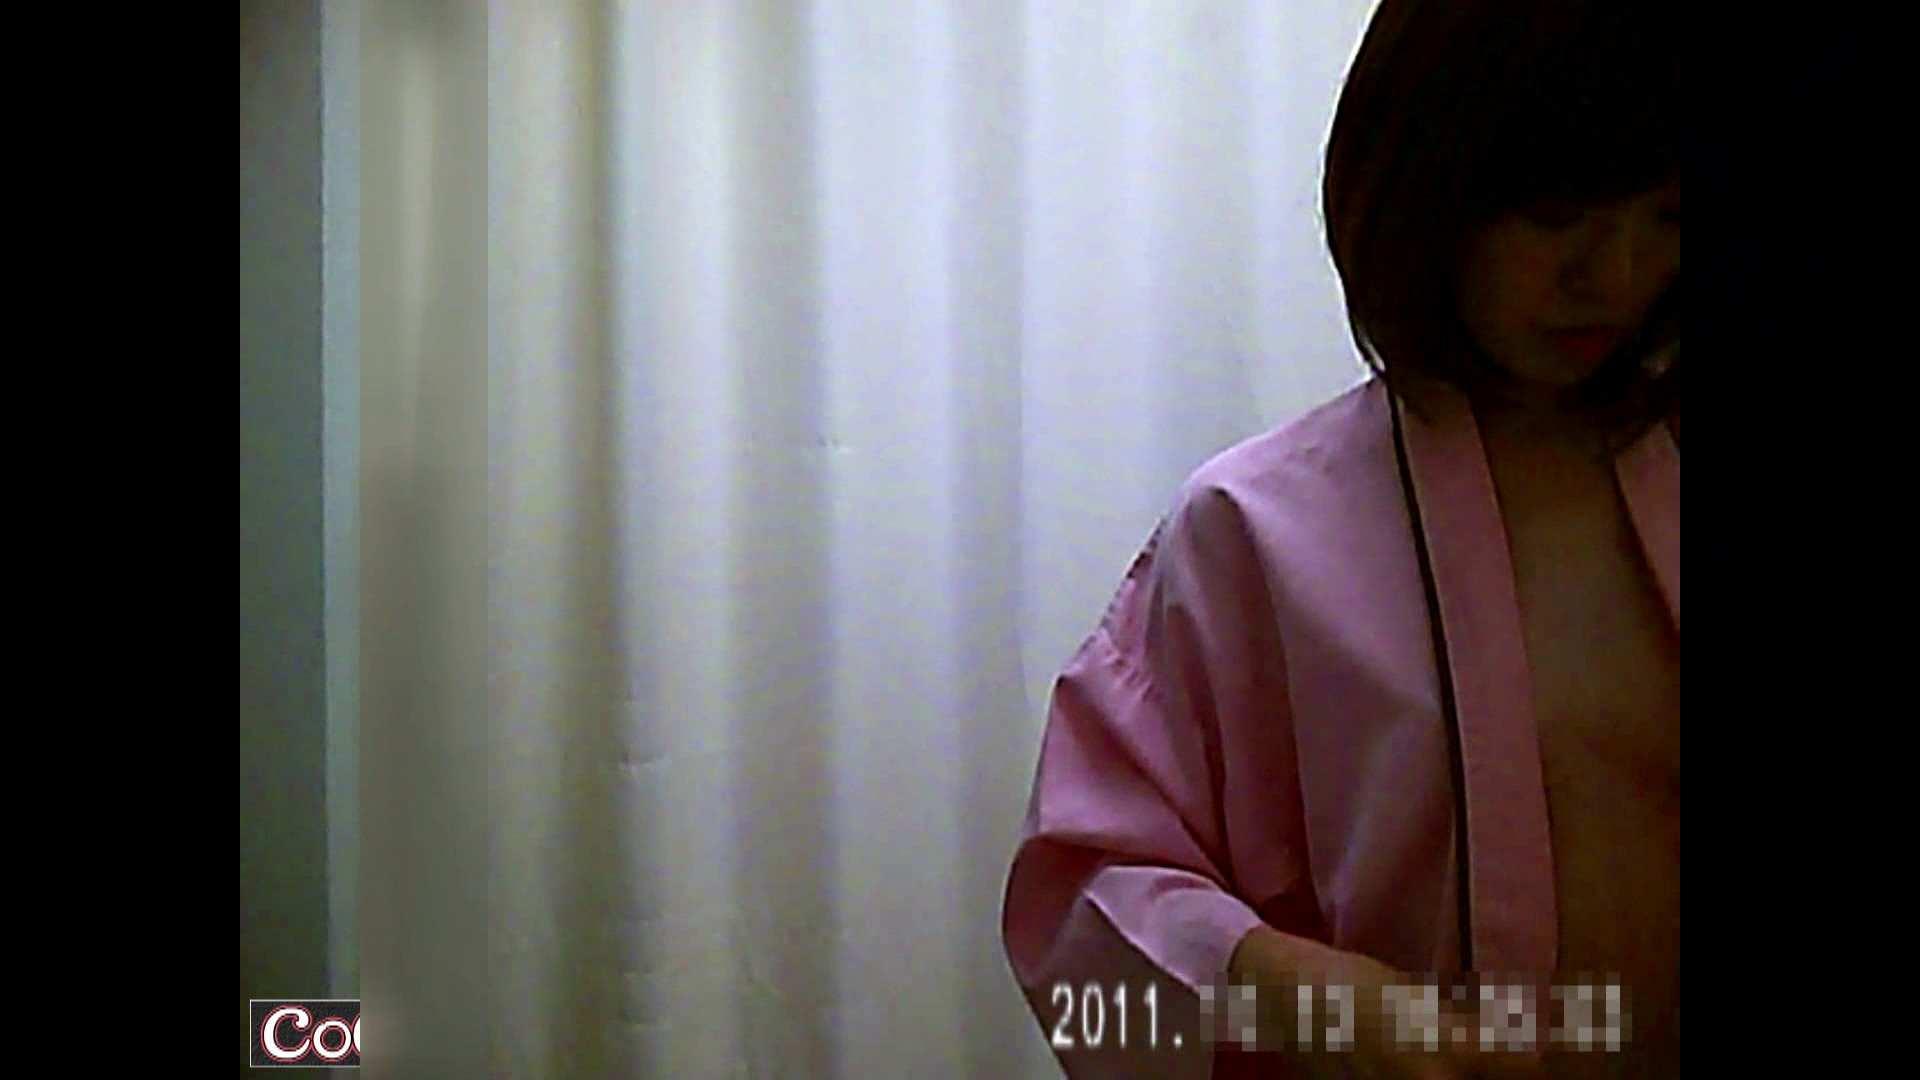 病院おもいっきり着替え! vol.58 着替え 盗撮動画紹介 95画像 94